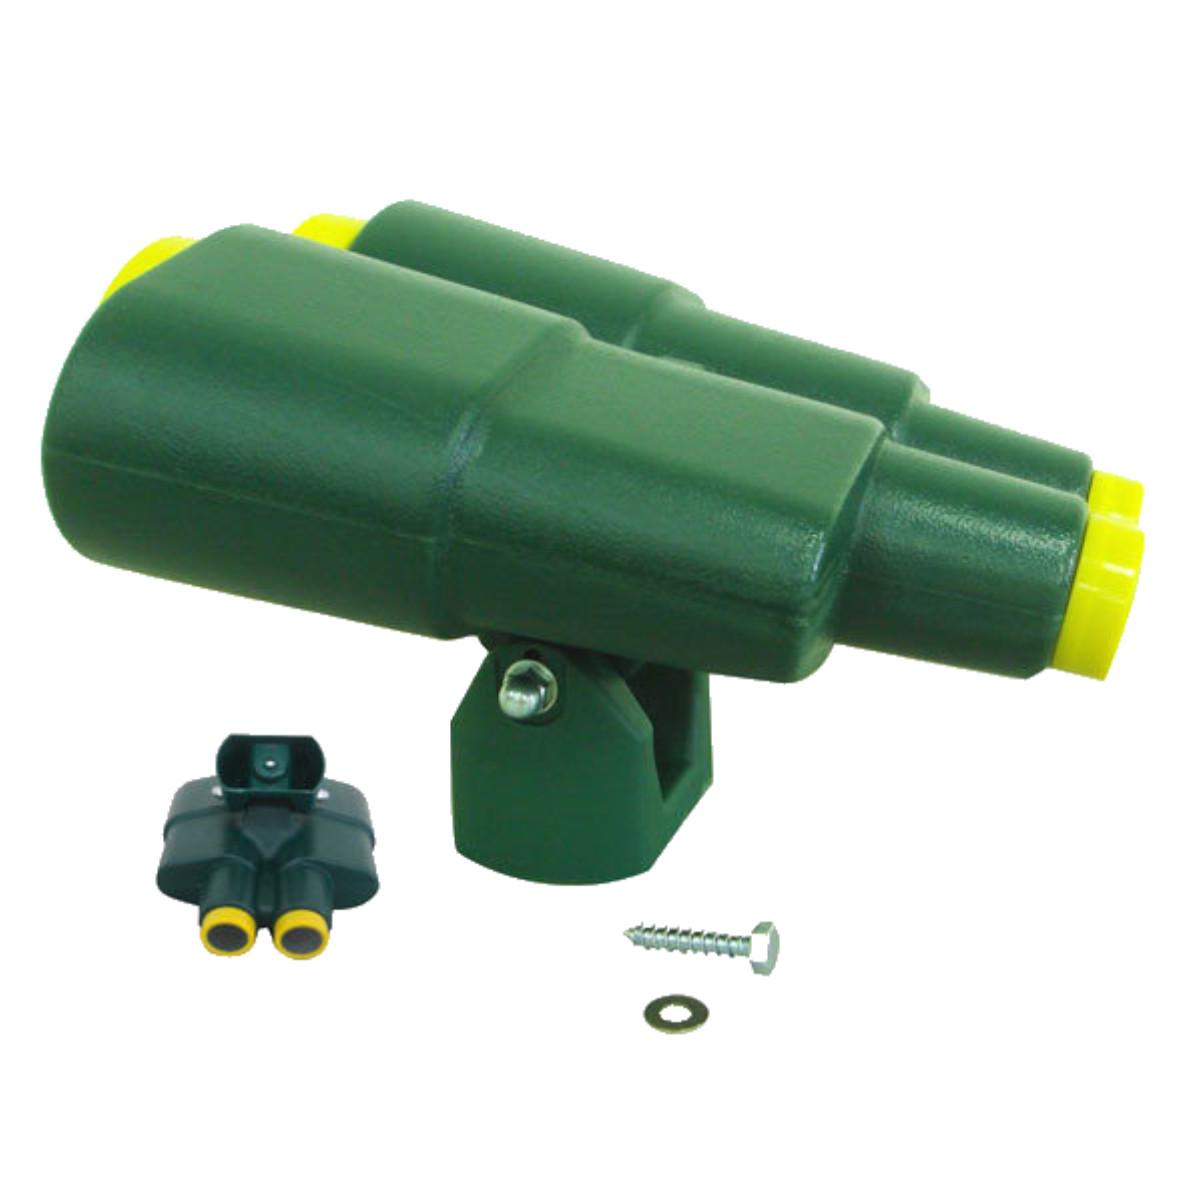 Binoculars (SCR) - Green